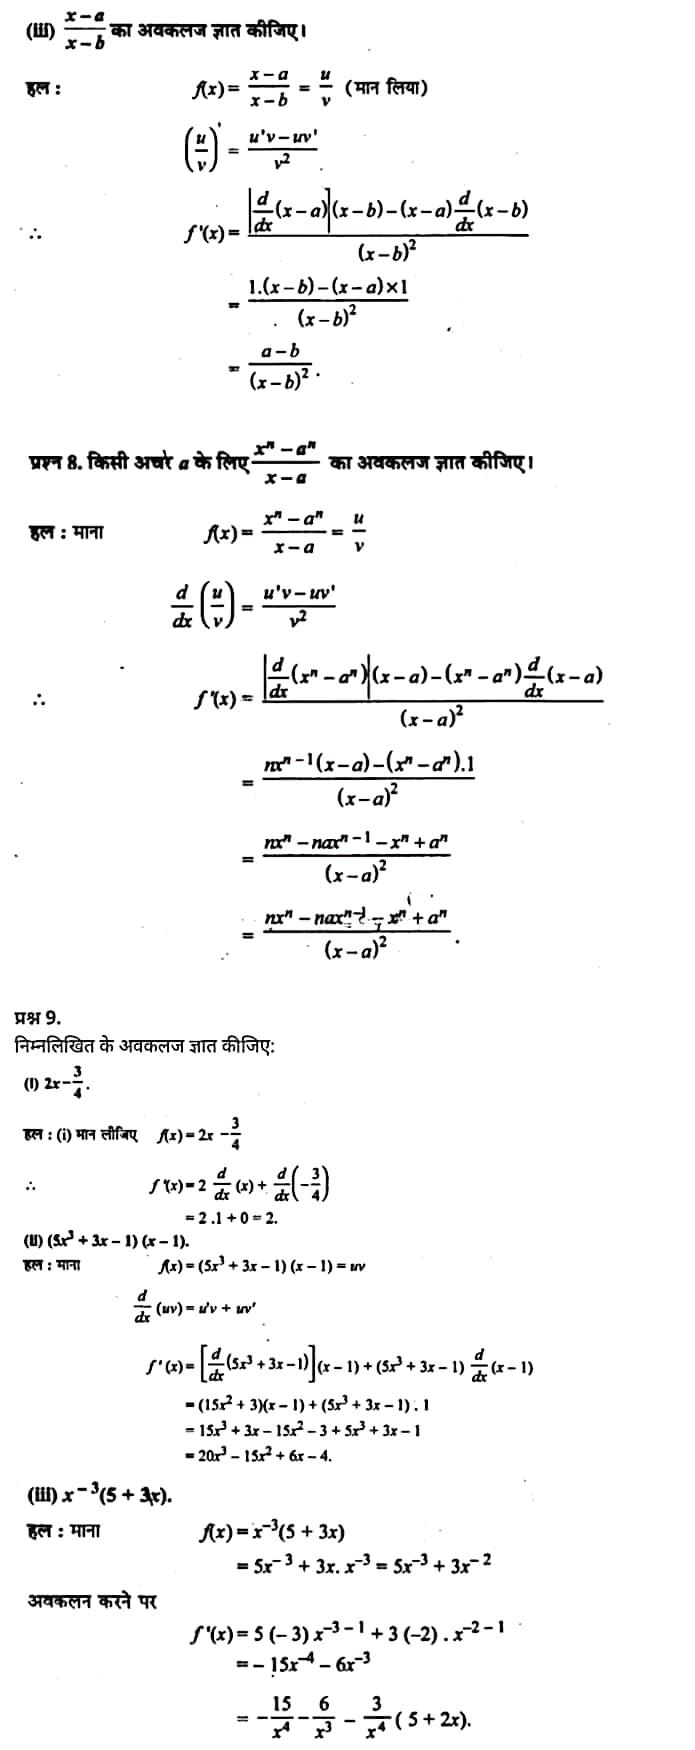 Limits and Derivatives,   limits and derivatives solutions,  limits and derivatives pdf,  limits and derivatives notes,  limits and derivatives formulas,  limits and derivatives explanation,  limits and derivatives class 12, limits and derivatives class 11 basics,  limits and derivatives questions,   सीमा और अवकलज,  सीमा की परिभाषा,  सीमा और डेरिवेटिव,  आंकड़ों की सीमा,  गणित की सीमा,  फलन की सीमा,  सीमा परीक्षण,  सीमा और सांतत्य,  सीमा विधि,   Class 11 matha Chapter 13,  class 11 matha chapter 13, ncert solutions in hindi,  class 11 matha chapter 13, notes in hindi,  class 11 matha chapter 13, question answer,  class 11 matha chapter 13, notes,  11 class matha chapter 13, in hindi,  class 11 matha chapter 13, in hindi,  class 11 matha chapter 13, important questions in hindi,  class 11 matha notes in hindi,   matha class 11 notes pdf,  matha Class 11 Notes 2021 NCERT,  matha Class 11 PDF,  matha book,  matha Quiz Class 11,  11th matha book up board,  up Board 11th matha Notes,  कक्षा 11 मैथ्स अध्याय 13,  कक्षा 11 मैथ्स का अध्याय 13, ncert solution in hindi,  कक्षा 11 मैथ्स के अध्याय 13, के नोट्स हिंदी में,  कक्षा 11 का मैथ्स अध्याय 13, का प्रश्न उत्तर,  कक्षा 11 मैथ्स अध्याय 13, के नोट्स,  11 कक्षा मैथ्स अध्याय 13, हिंदी में,  कक्षा 11 मैथ्स अध्याय 12, हिंदी में,  कक्षा 11 मैथ्स अध्याय 13, महत्वपूर्ण प्रश्न हिंदी में,  कक्षा 11 के मैथ्स के नोट्स हिंदी में,  मैथ्स कक्षा 11 नोट्स pdf,  मैथ्स कक्षा 11 नोट्स 2021 NCERT,  मैथ्स कक्षा 11 PDF,  मैथ्स पुस्तक,  मैथ्स की बुक,  मैथ्स प्रश्नोत्तरी Class 11, 11 वीं मैथ्स पुस्तक up board,  बिहार बोर्ड 11 वीं मैथ्स नोट्स,   कक्षा 11 गणित अध्याय 13,  कक्षा 11 गणित का अध्याय 13, ncert solution in hindi,  कक्षा 11 गणित के अध्याय 13, के नोट्स हिंदी में,  कक्षा 11 का गणित अध्याय 13, का प्रश्न उत्तर,  कक्षा 11 गणित अध्याय 13, के नोट्स,  11 कक्षा गणित अध्याय 13, हिंदी में,  कक्षा 11 गणित अध्याय 13, हिंदी में,  कक्षा 11 गणित अध्याय 13, महत्वपूर्ण प्रश्न हिंदी में,  कक्षा 11 के गणित के नोट्स हिंदी में,   गणित कक्षा 11 नोट्स pdf,  गणित कक्